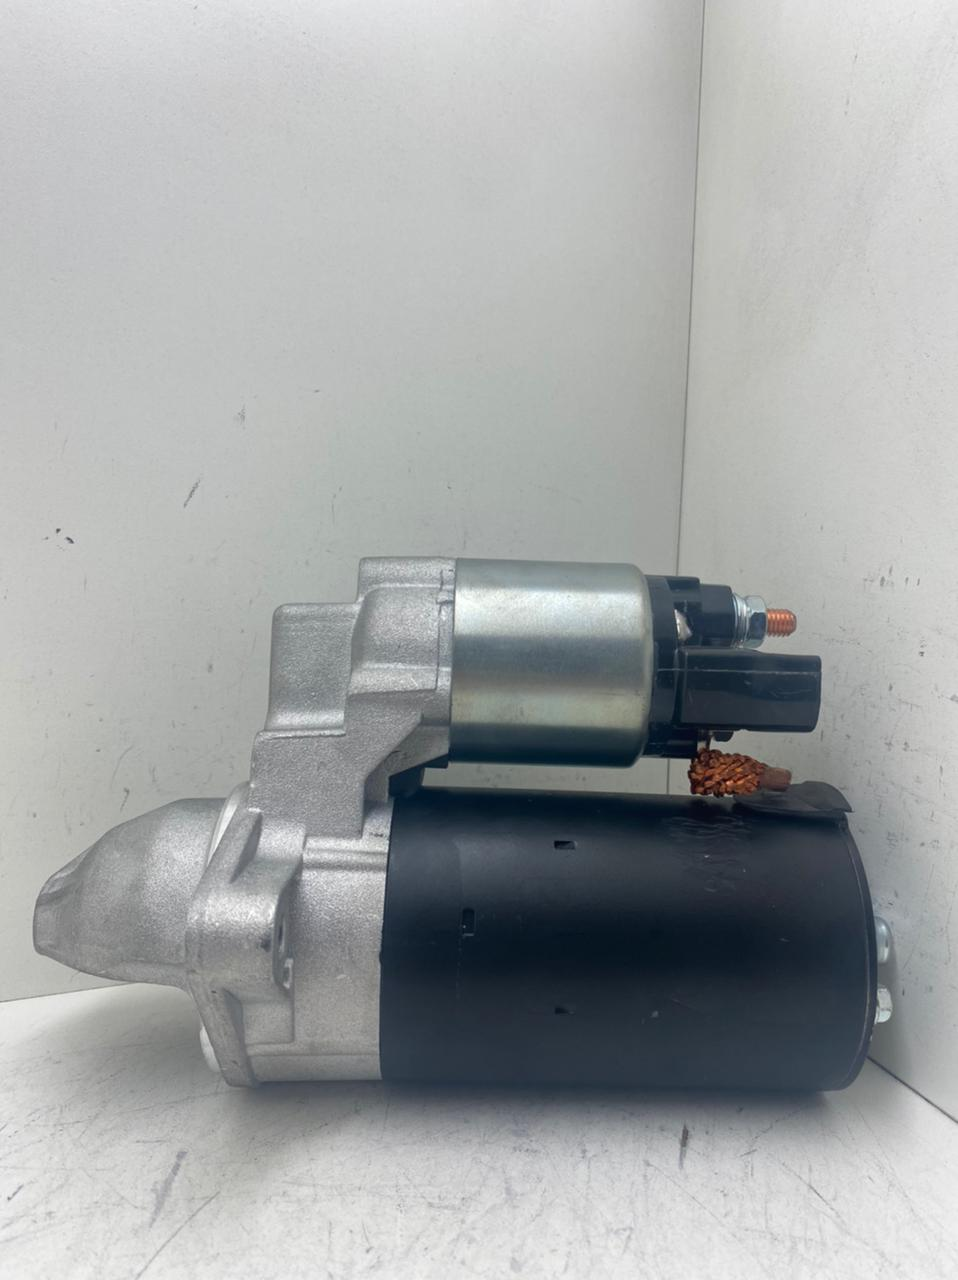 ARRANQUE TOYOTA COROLLA FILDER HILUX 2.7 FLEX 12V 9D 281000C060 F000AL0110 VVVF000AL0110 AEC11080